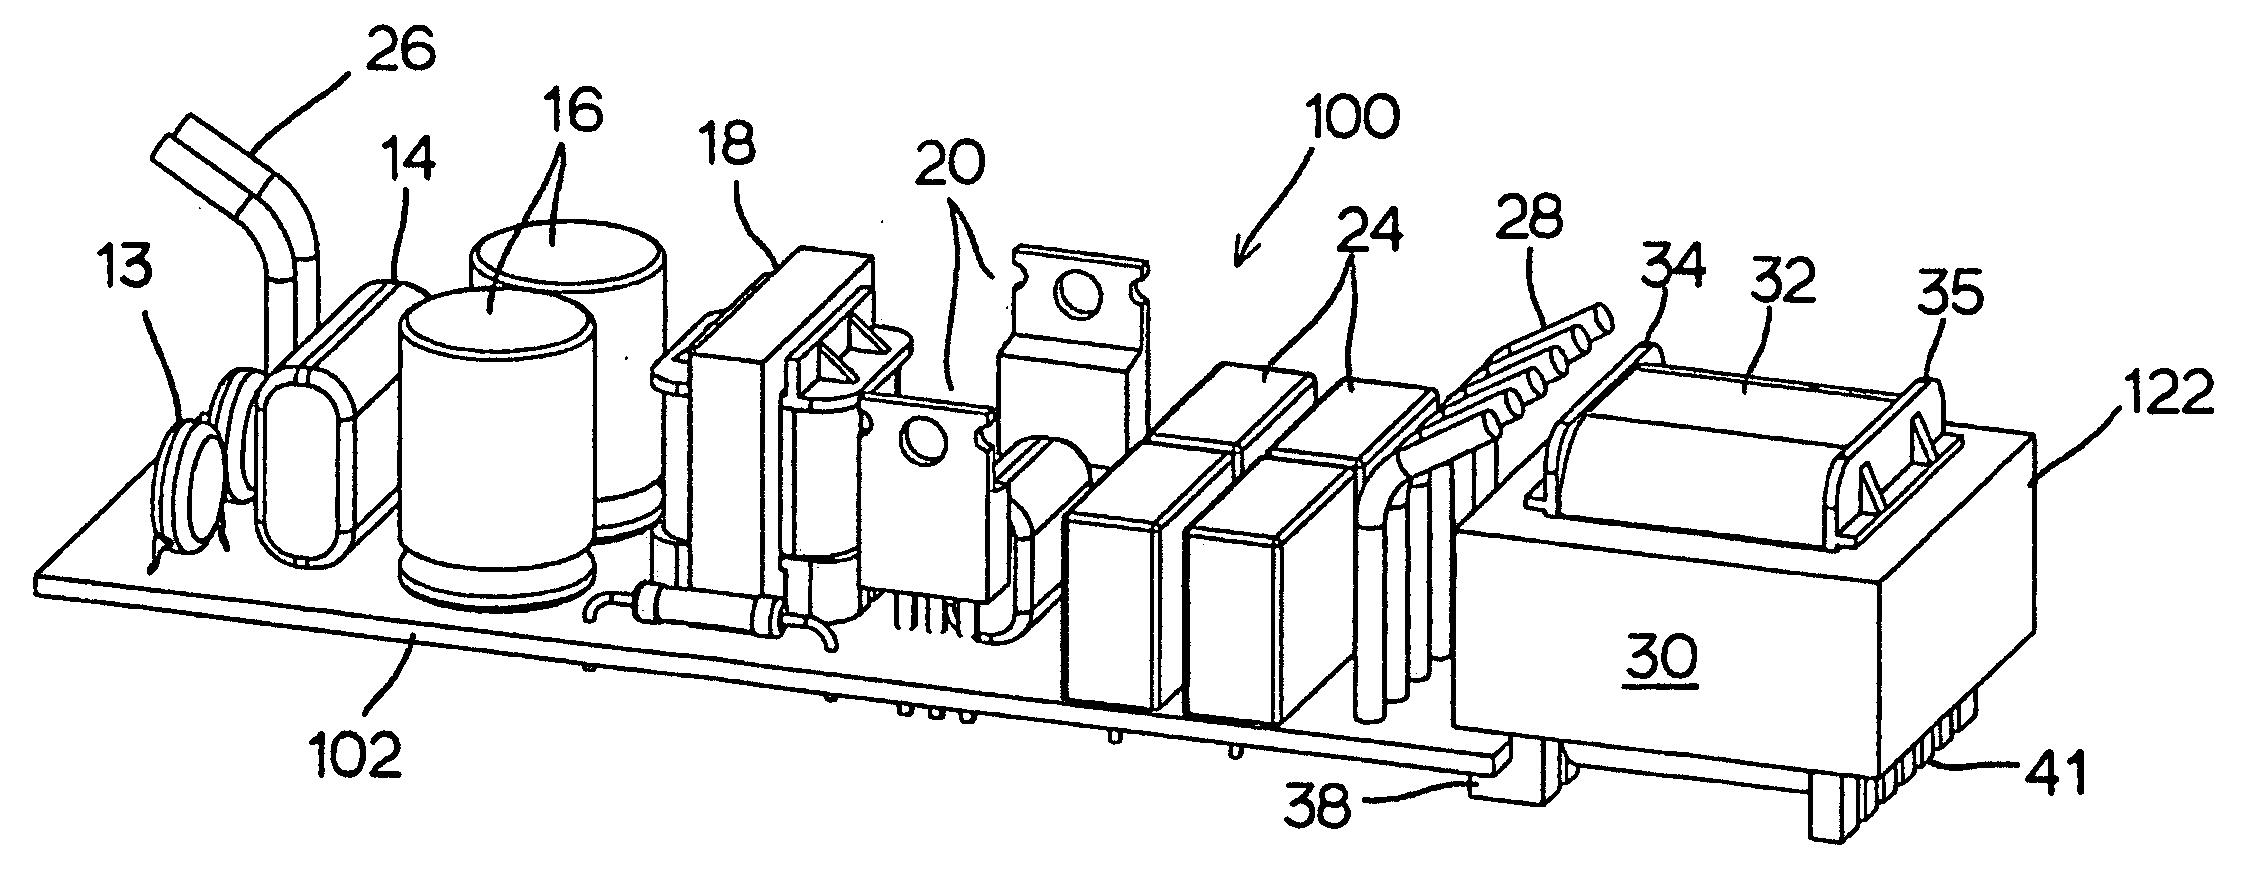 patent us20080169768